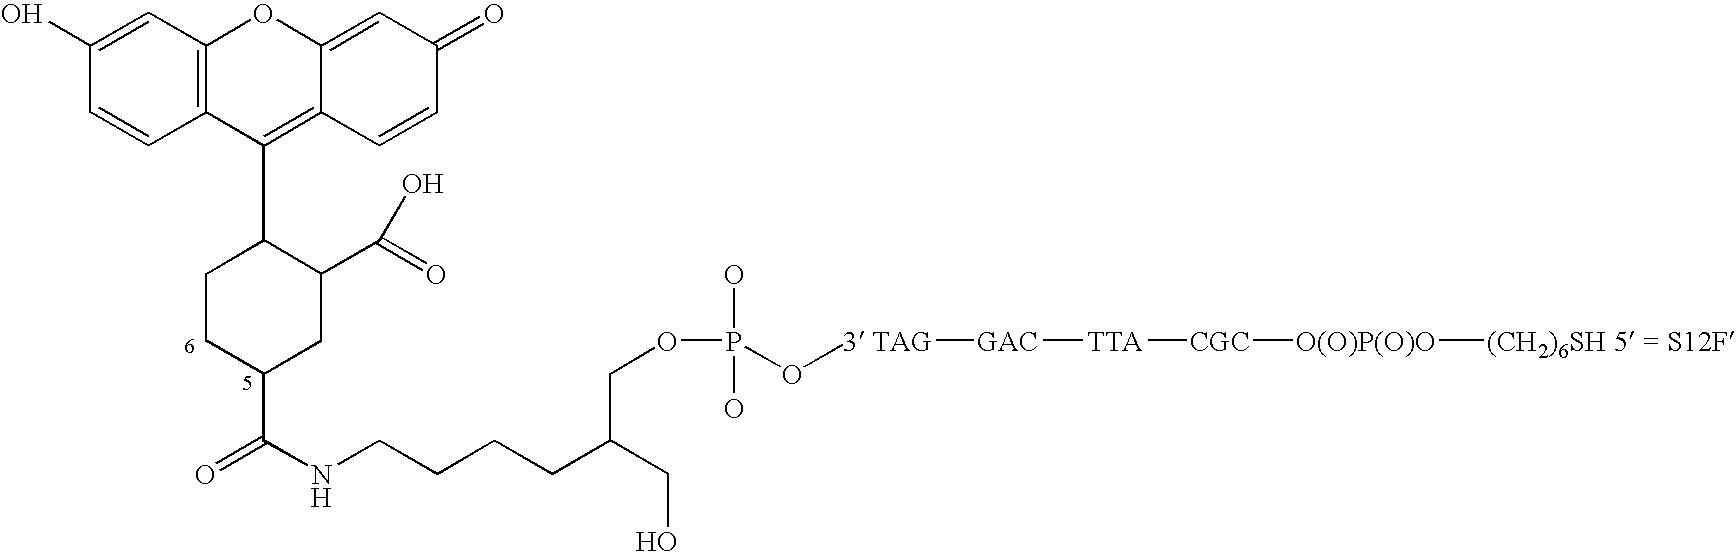 Figure US06812334-20041102-C00001